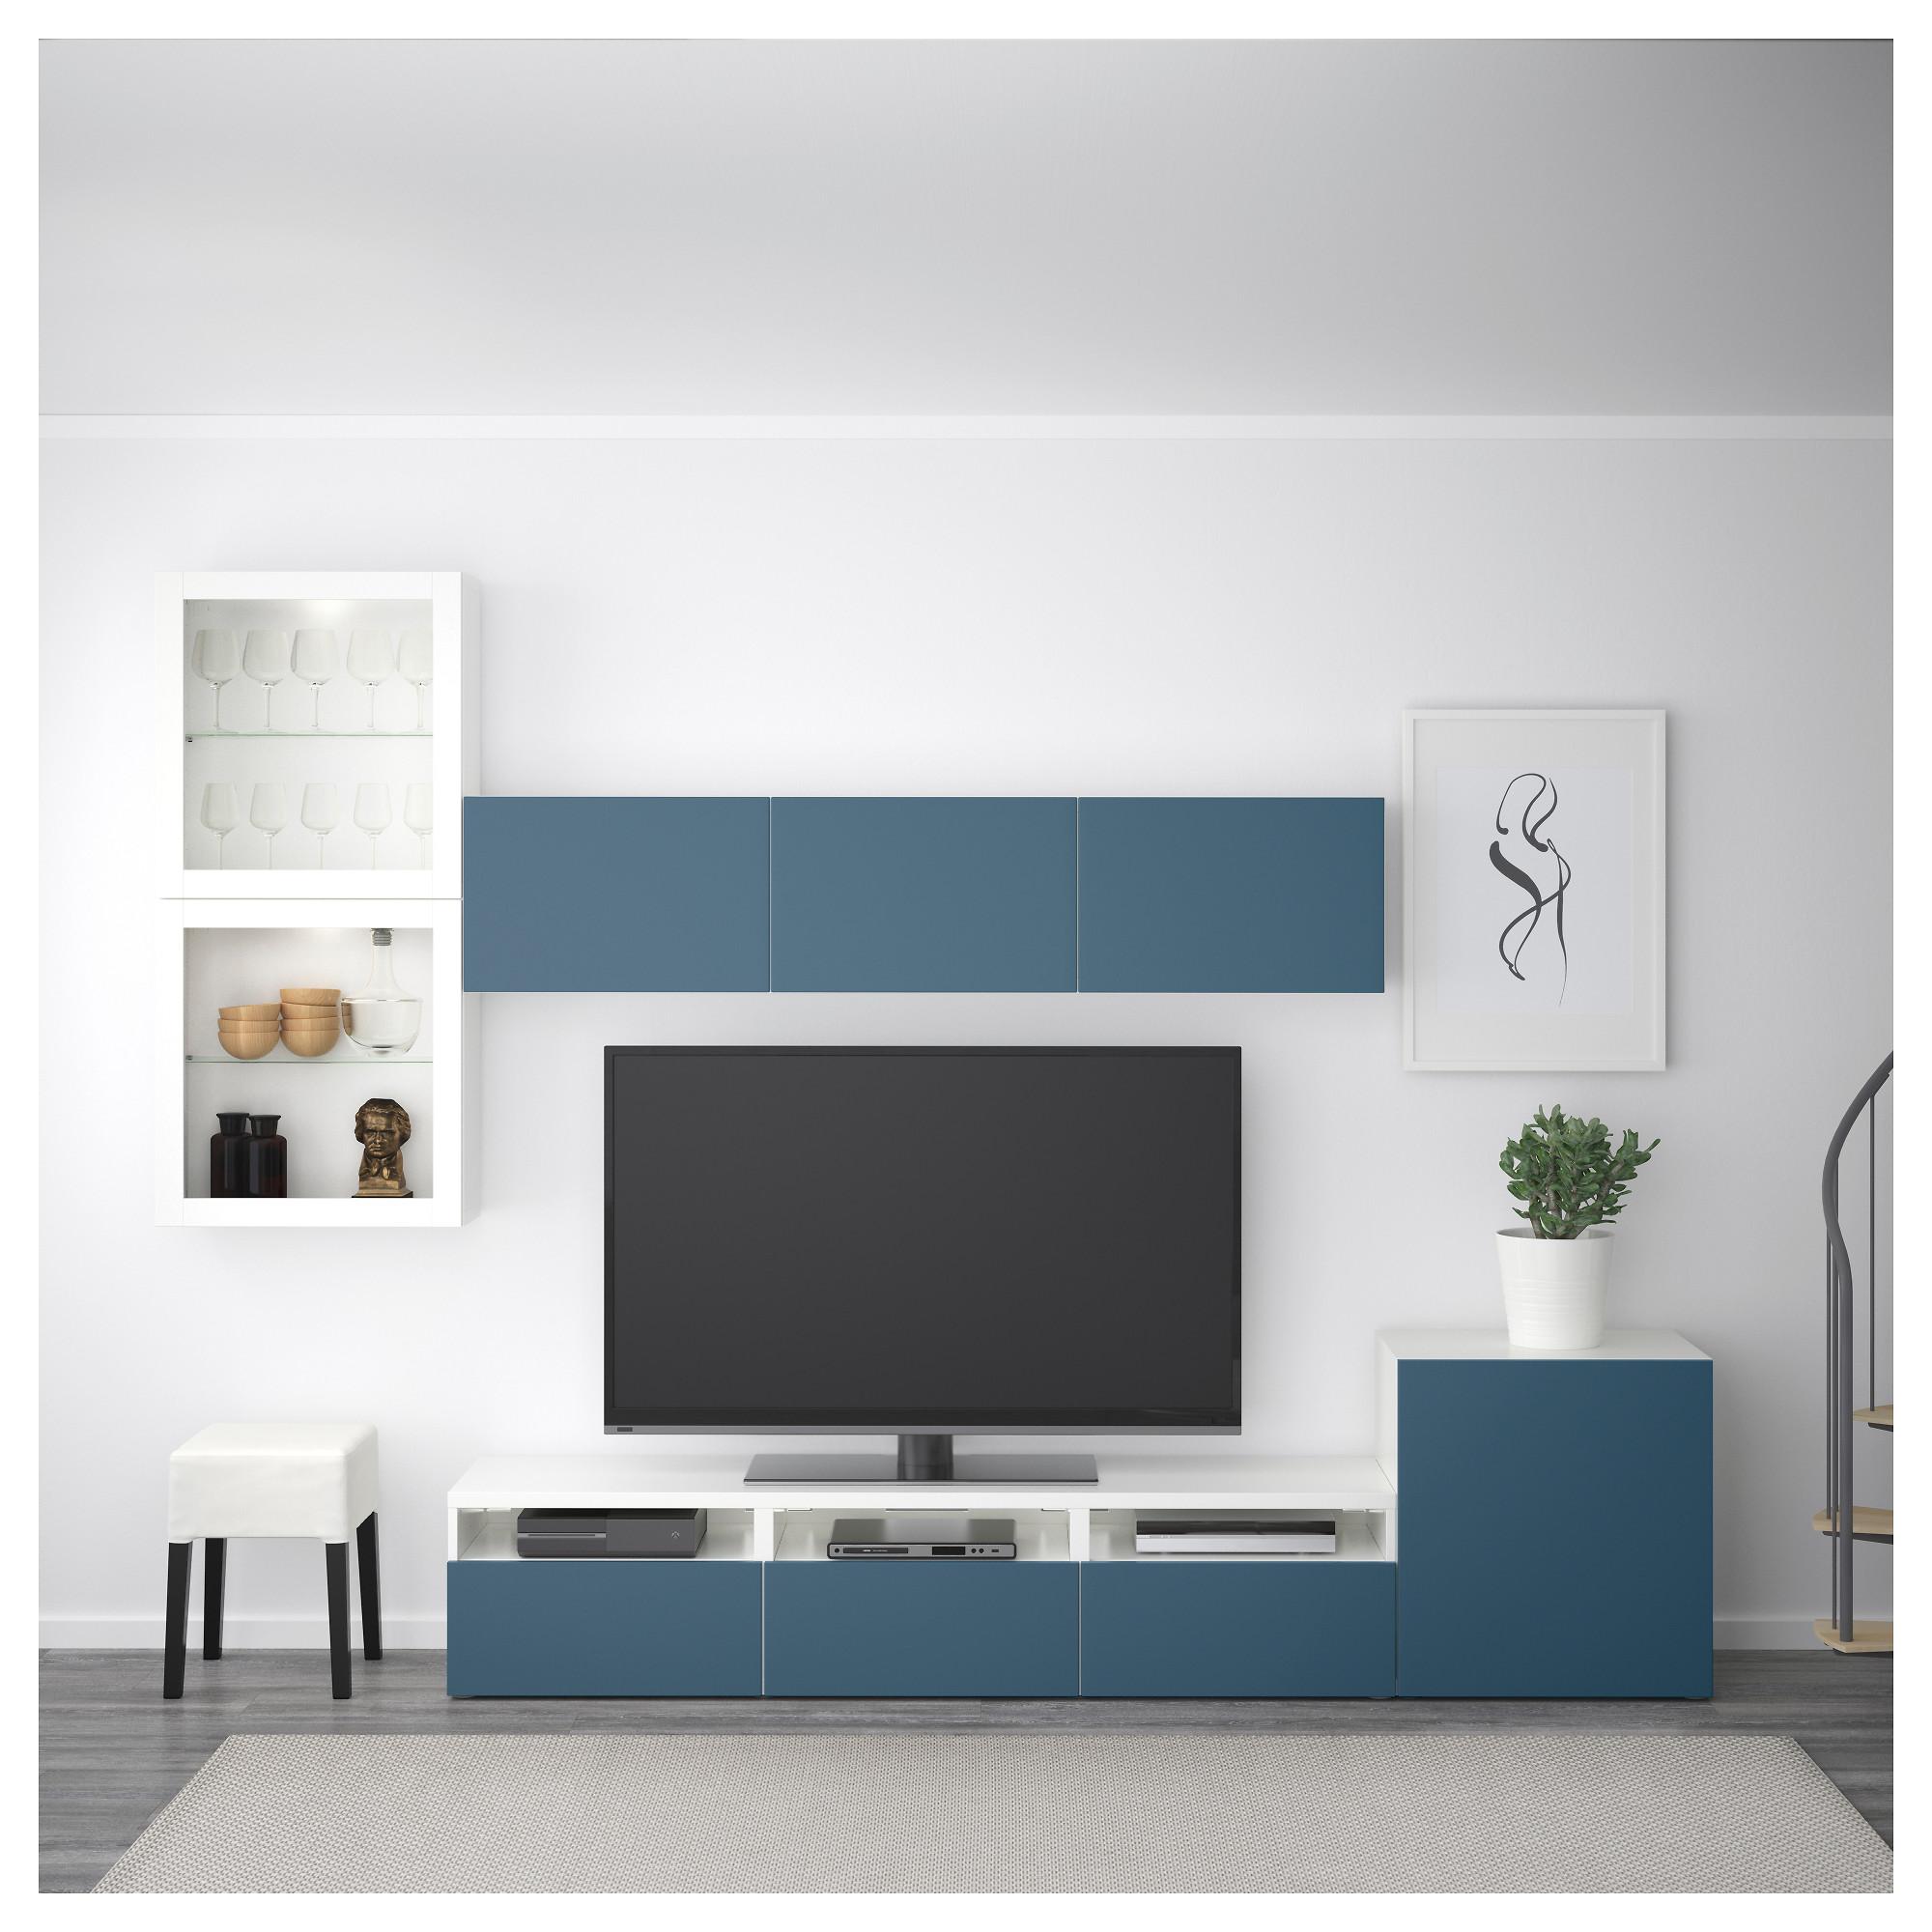 Шкаф для ТВ, комбинированный, стекляные дверцы БЕСТО артикуль № 092.522.20 в наличии. Online магазин IKEA Минск. Недорогая доставка и монтаж.